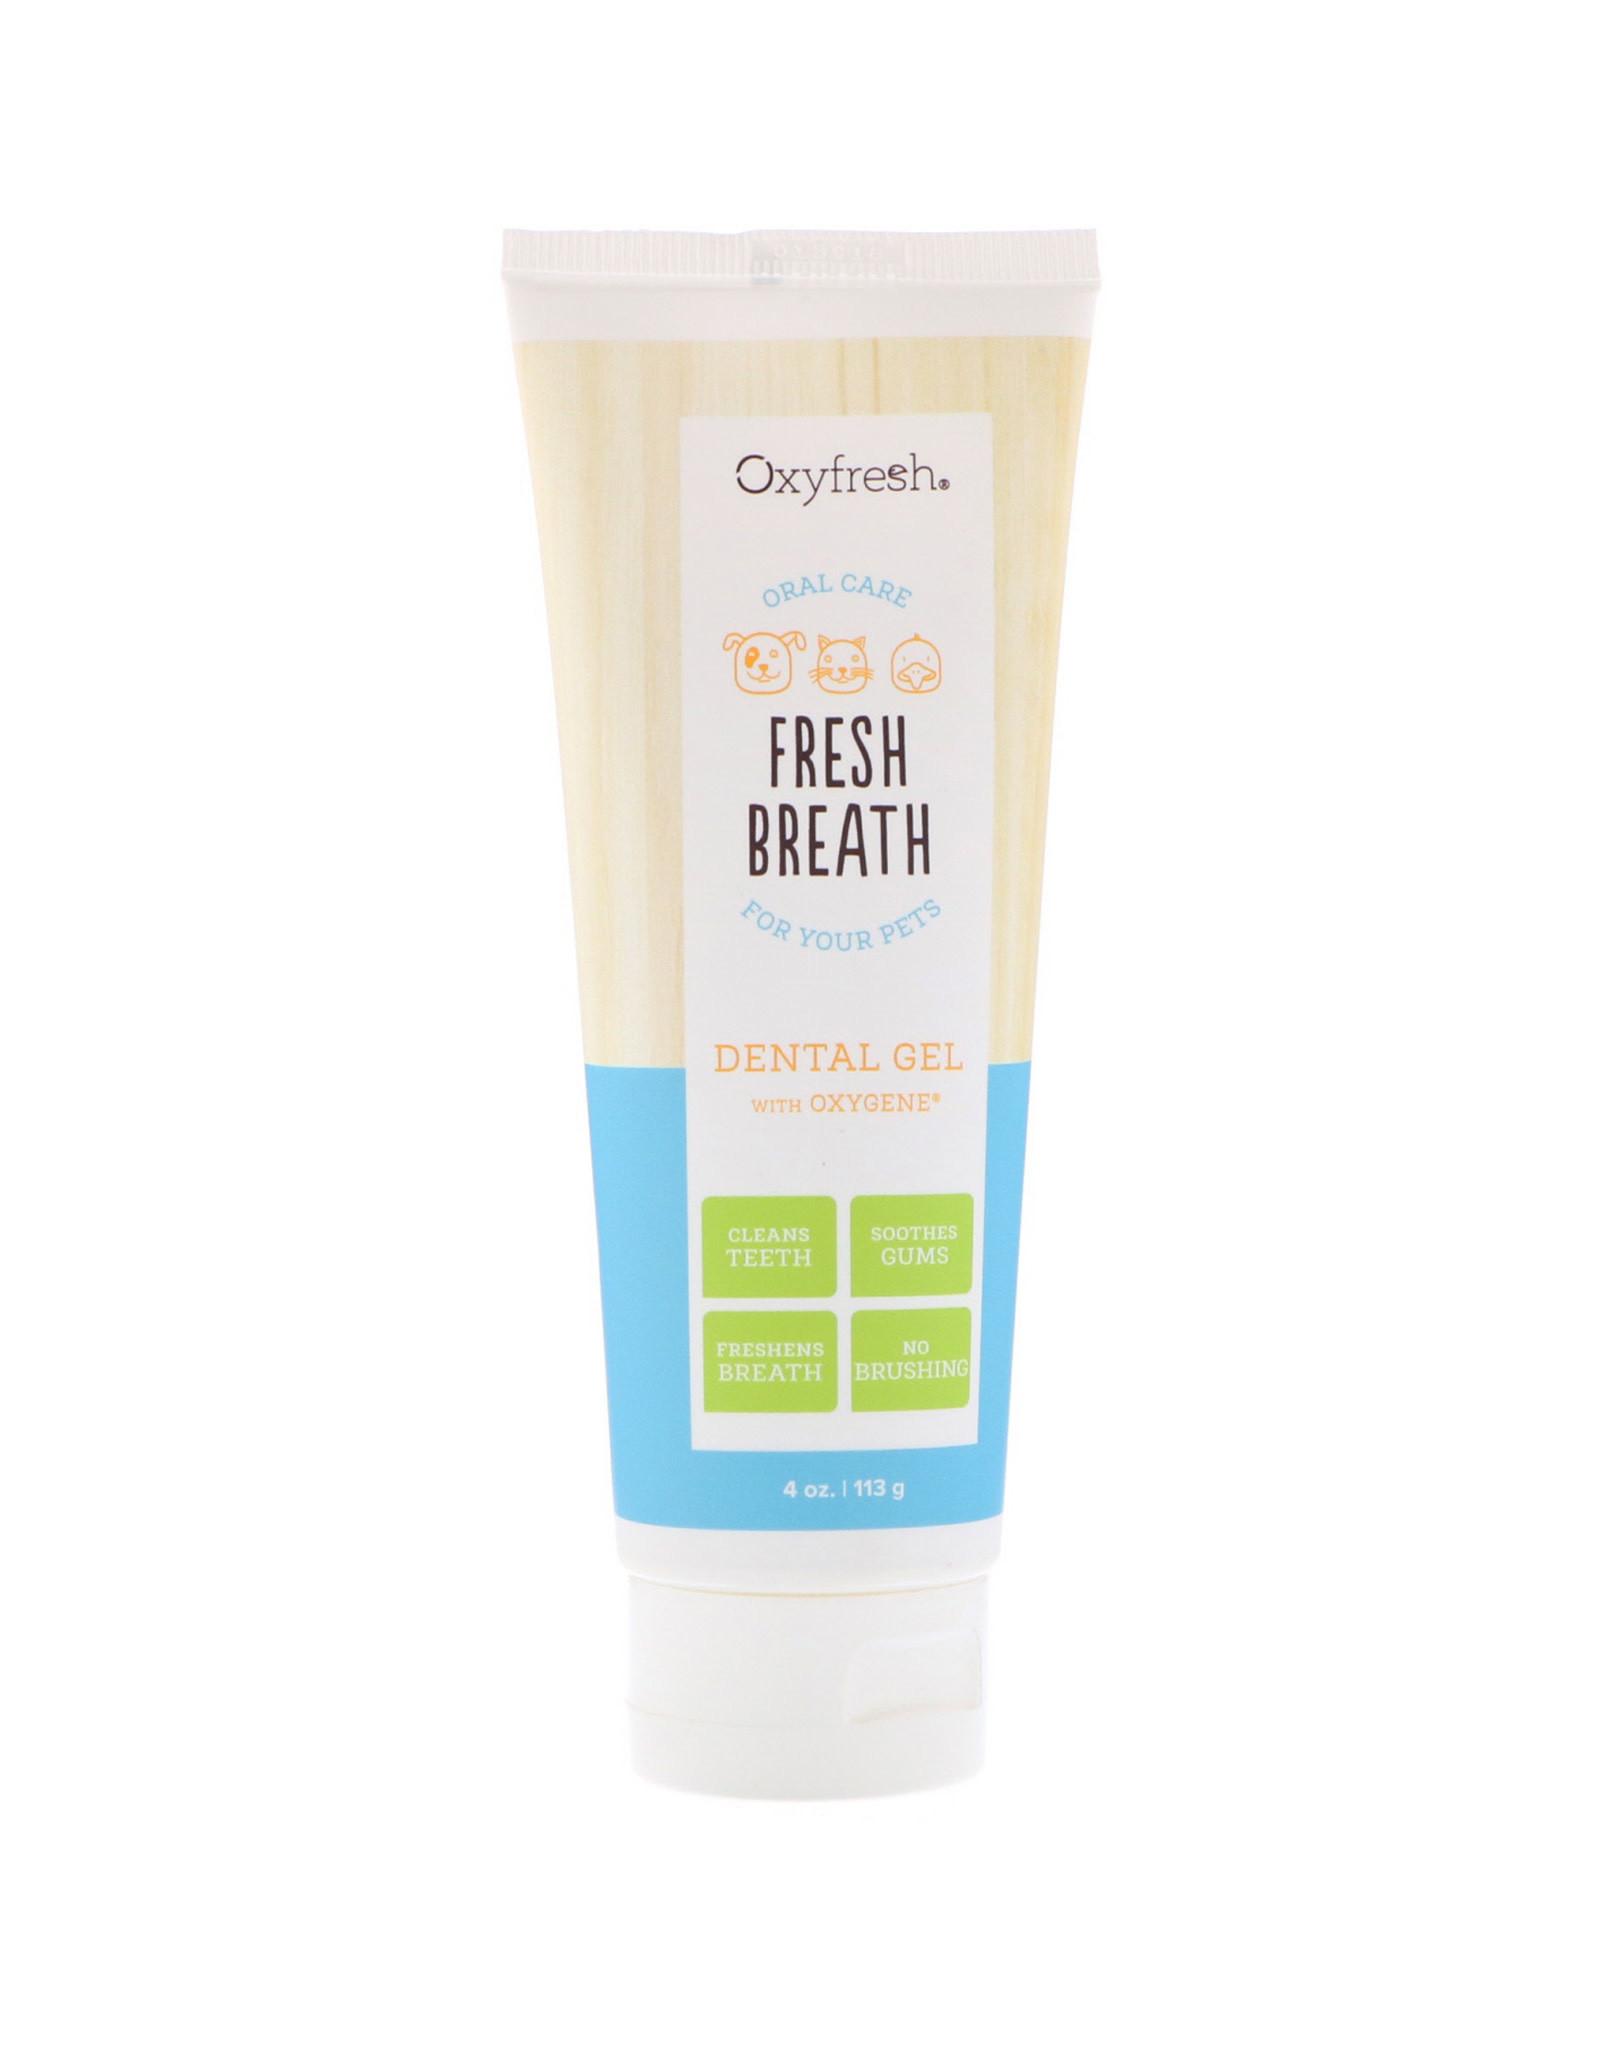 OxyFresh OxyFresh Dental Gel